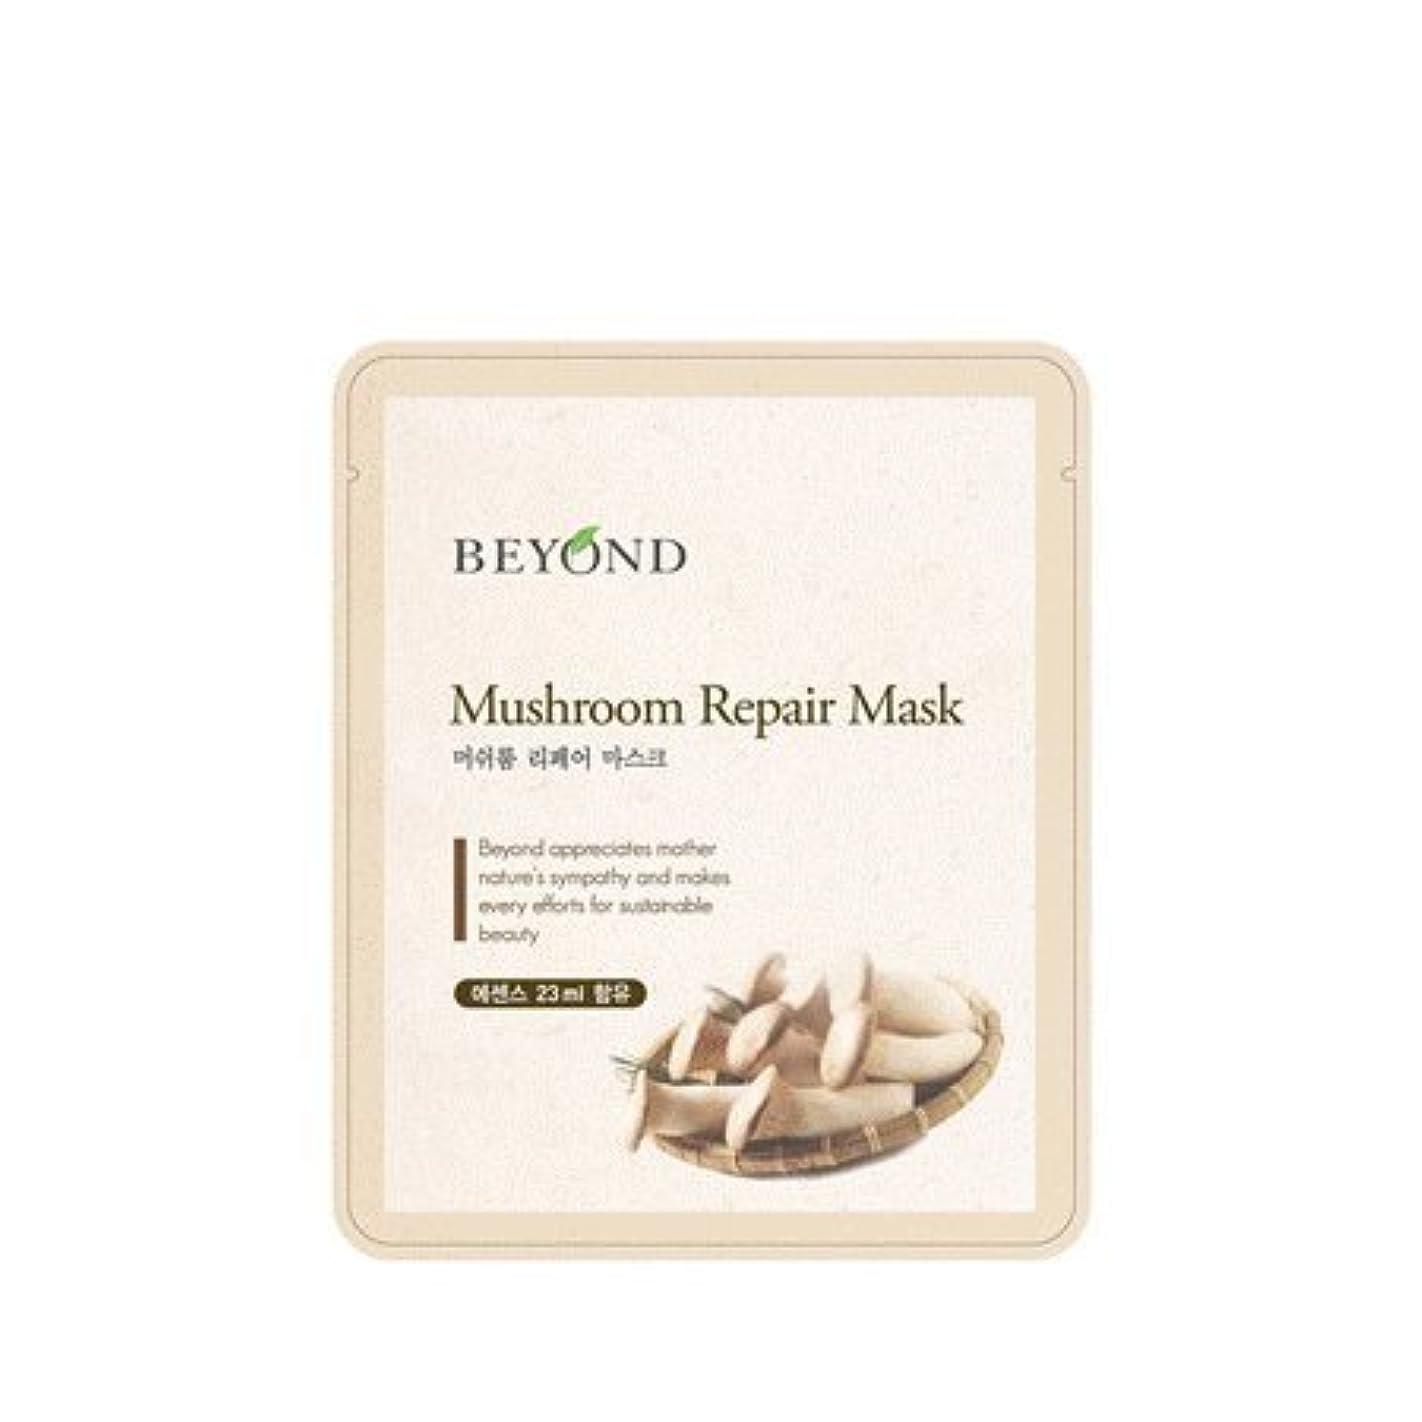 報酬の迫害するピービッシュBeyond mask sheet 5ea (Mushroom Repair Mask)